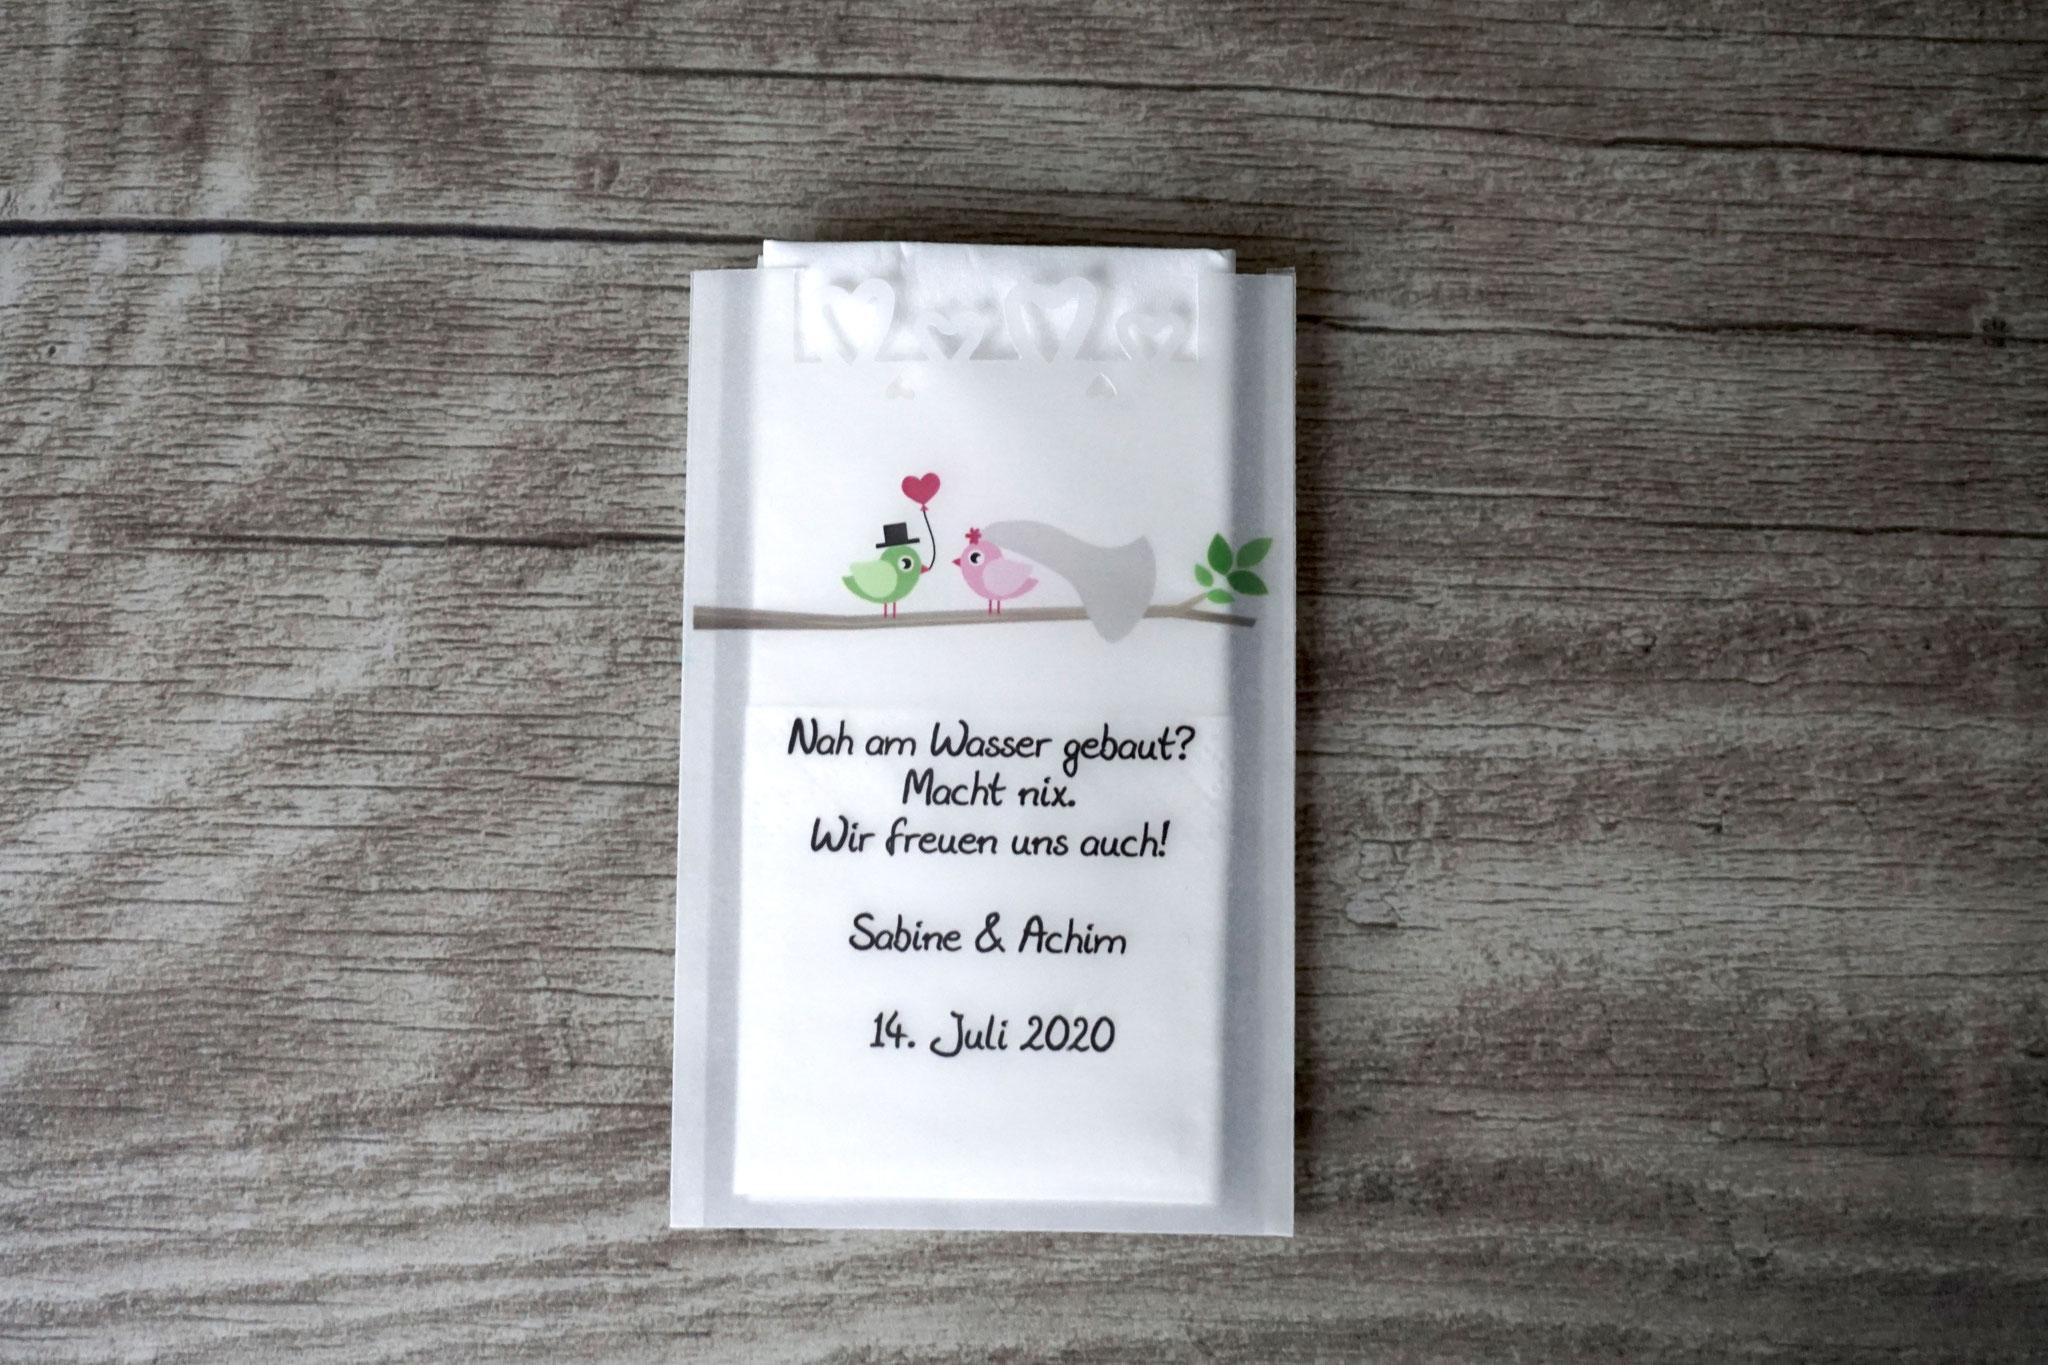 Freudentränen Taschentücher Design Hochzeitsvögel auf Ast, Farbe Rosa/Grün mit Herzrand